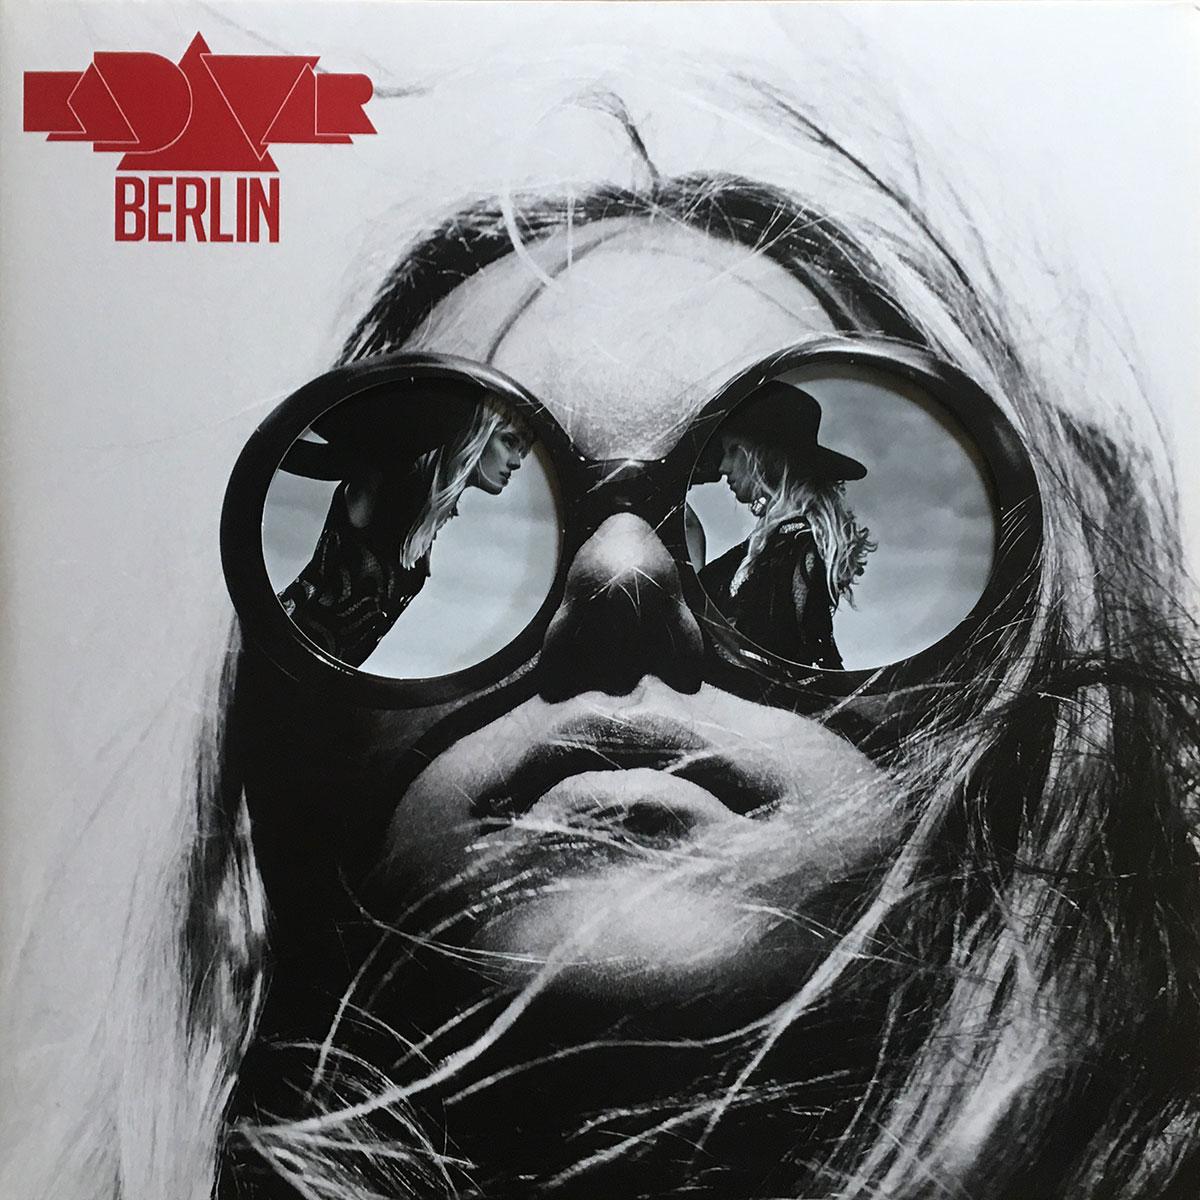 Kadavar - Berlin